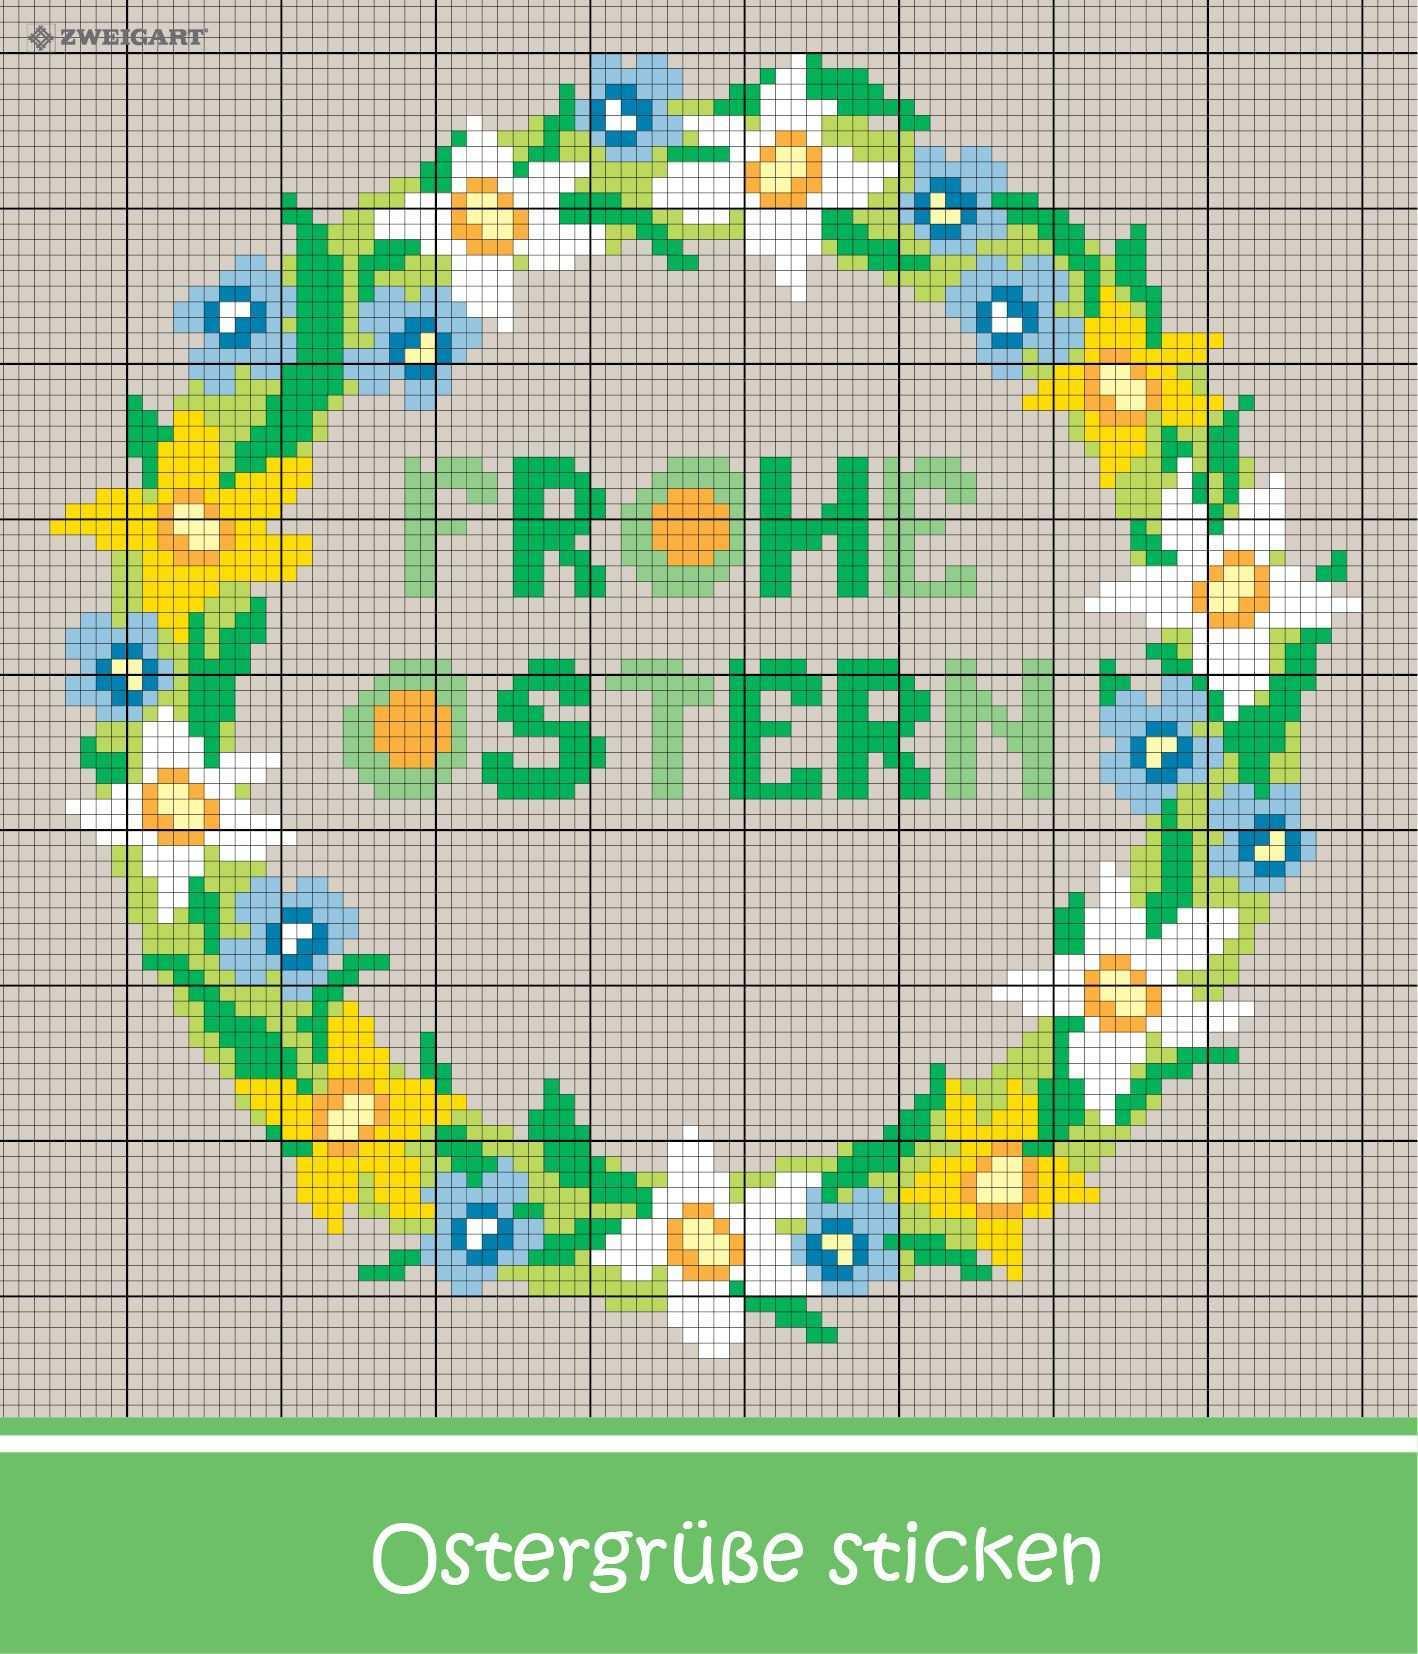 Gruss Zu Ostern Sticken Entdecke Zahlreiche Kostenlose Charts Zum Sticken Kreuzstichblumen Sticken Sticken Kreuzstich